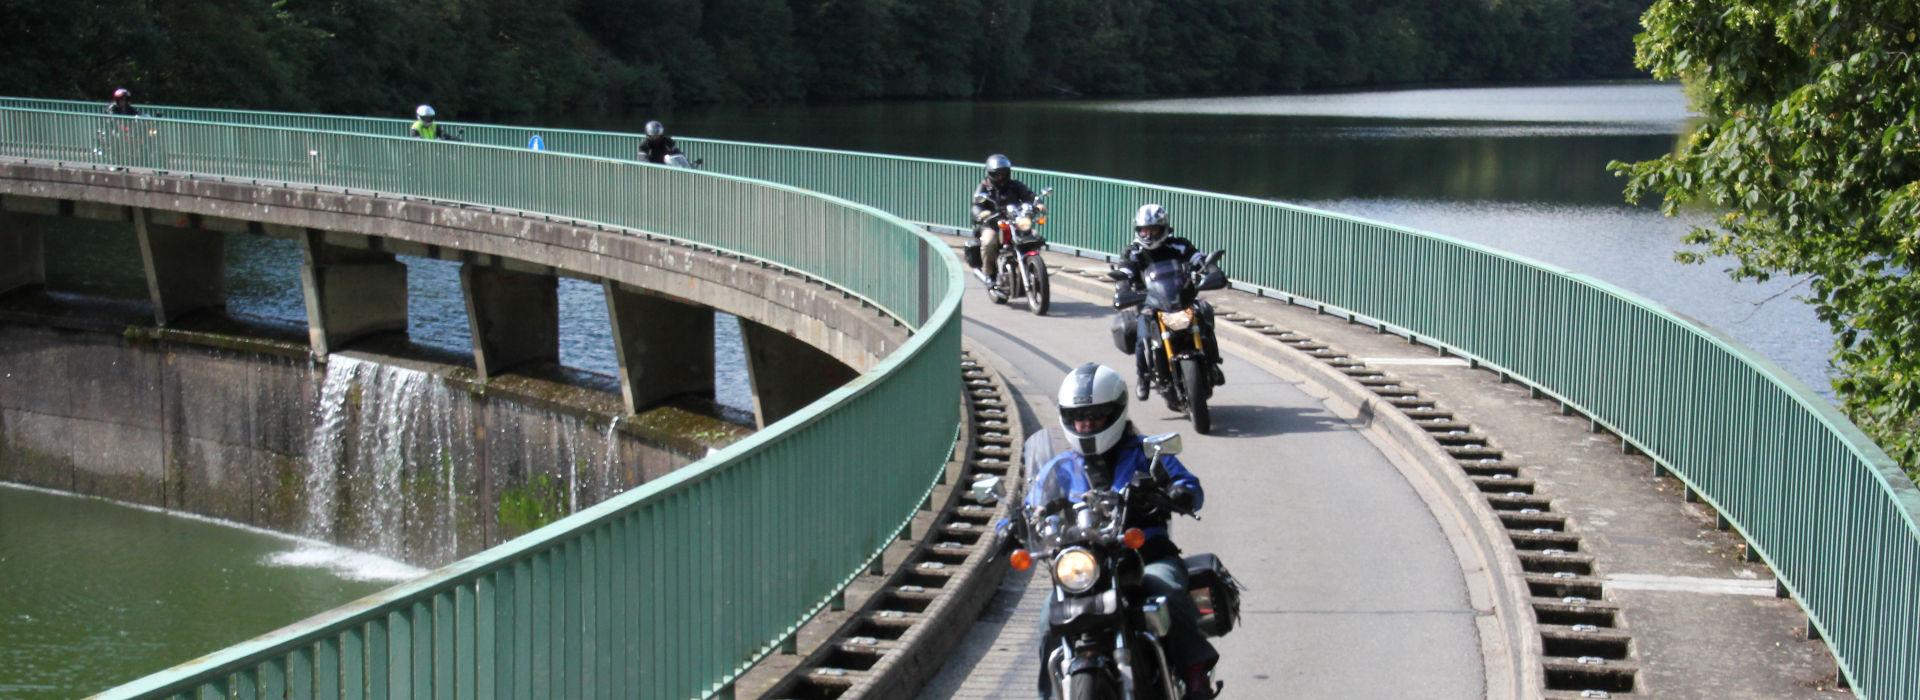 Motorrijbewijspoint Katwijk aan Zee spoed motorrijbewijs